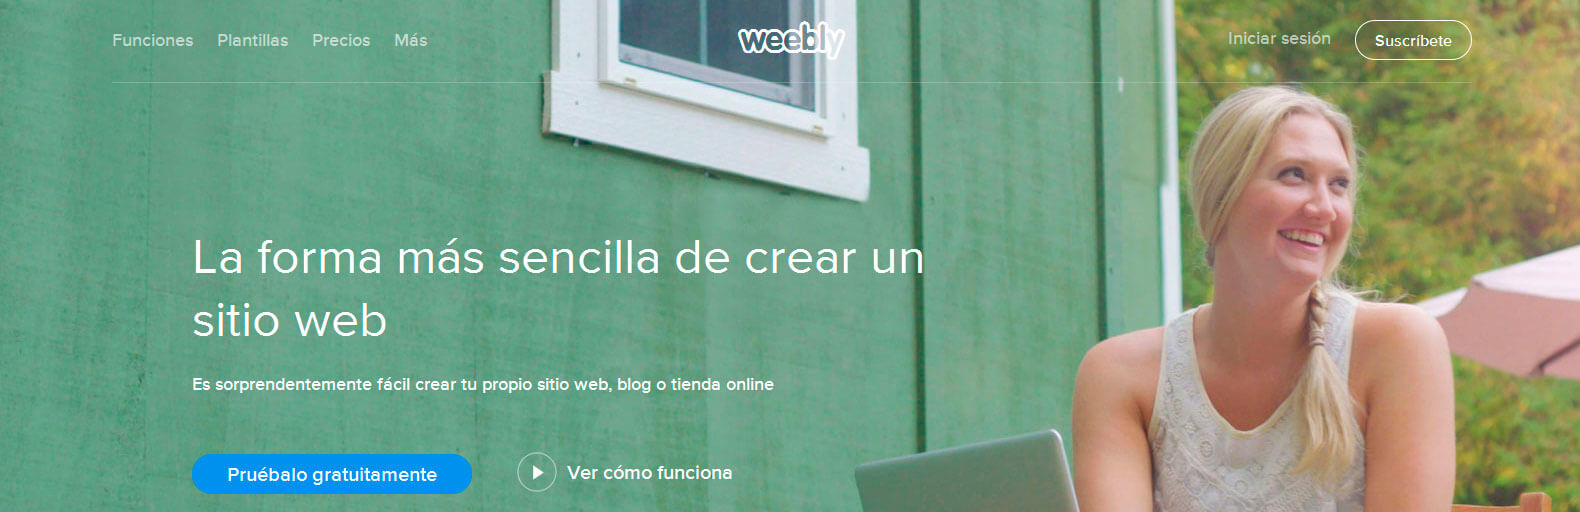 ¿Qué es un blog? - Weebly para crear un blog gratis